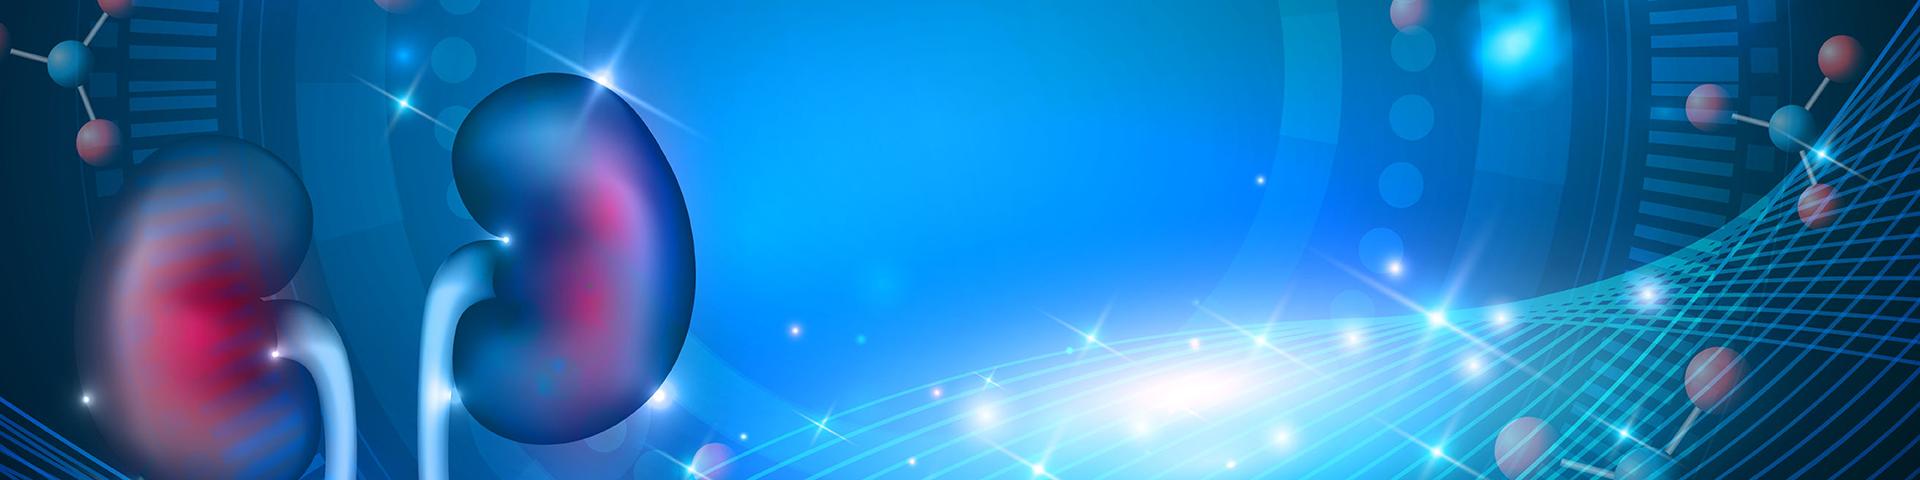 Trapianto di rene ABO incompatibile: aspetti generali e ruolo del servizio trasfusionale